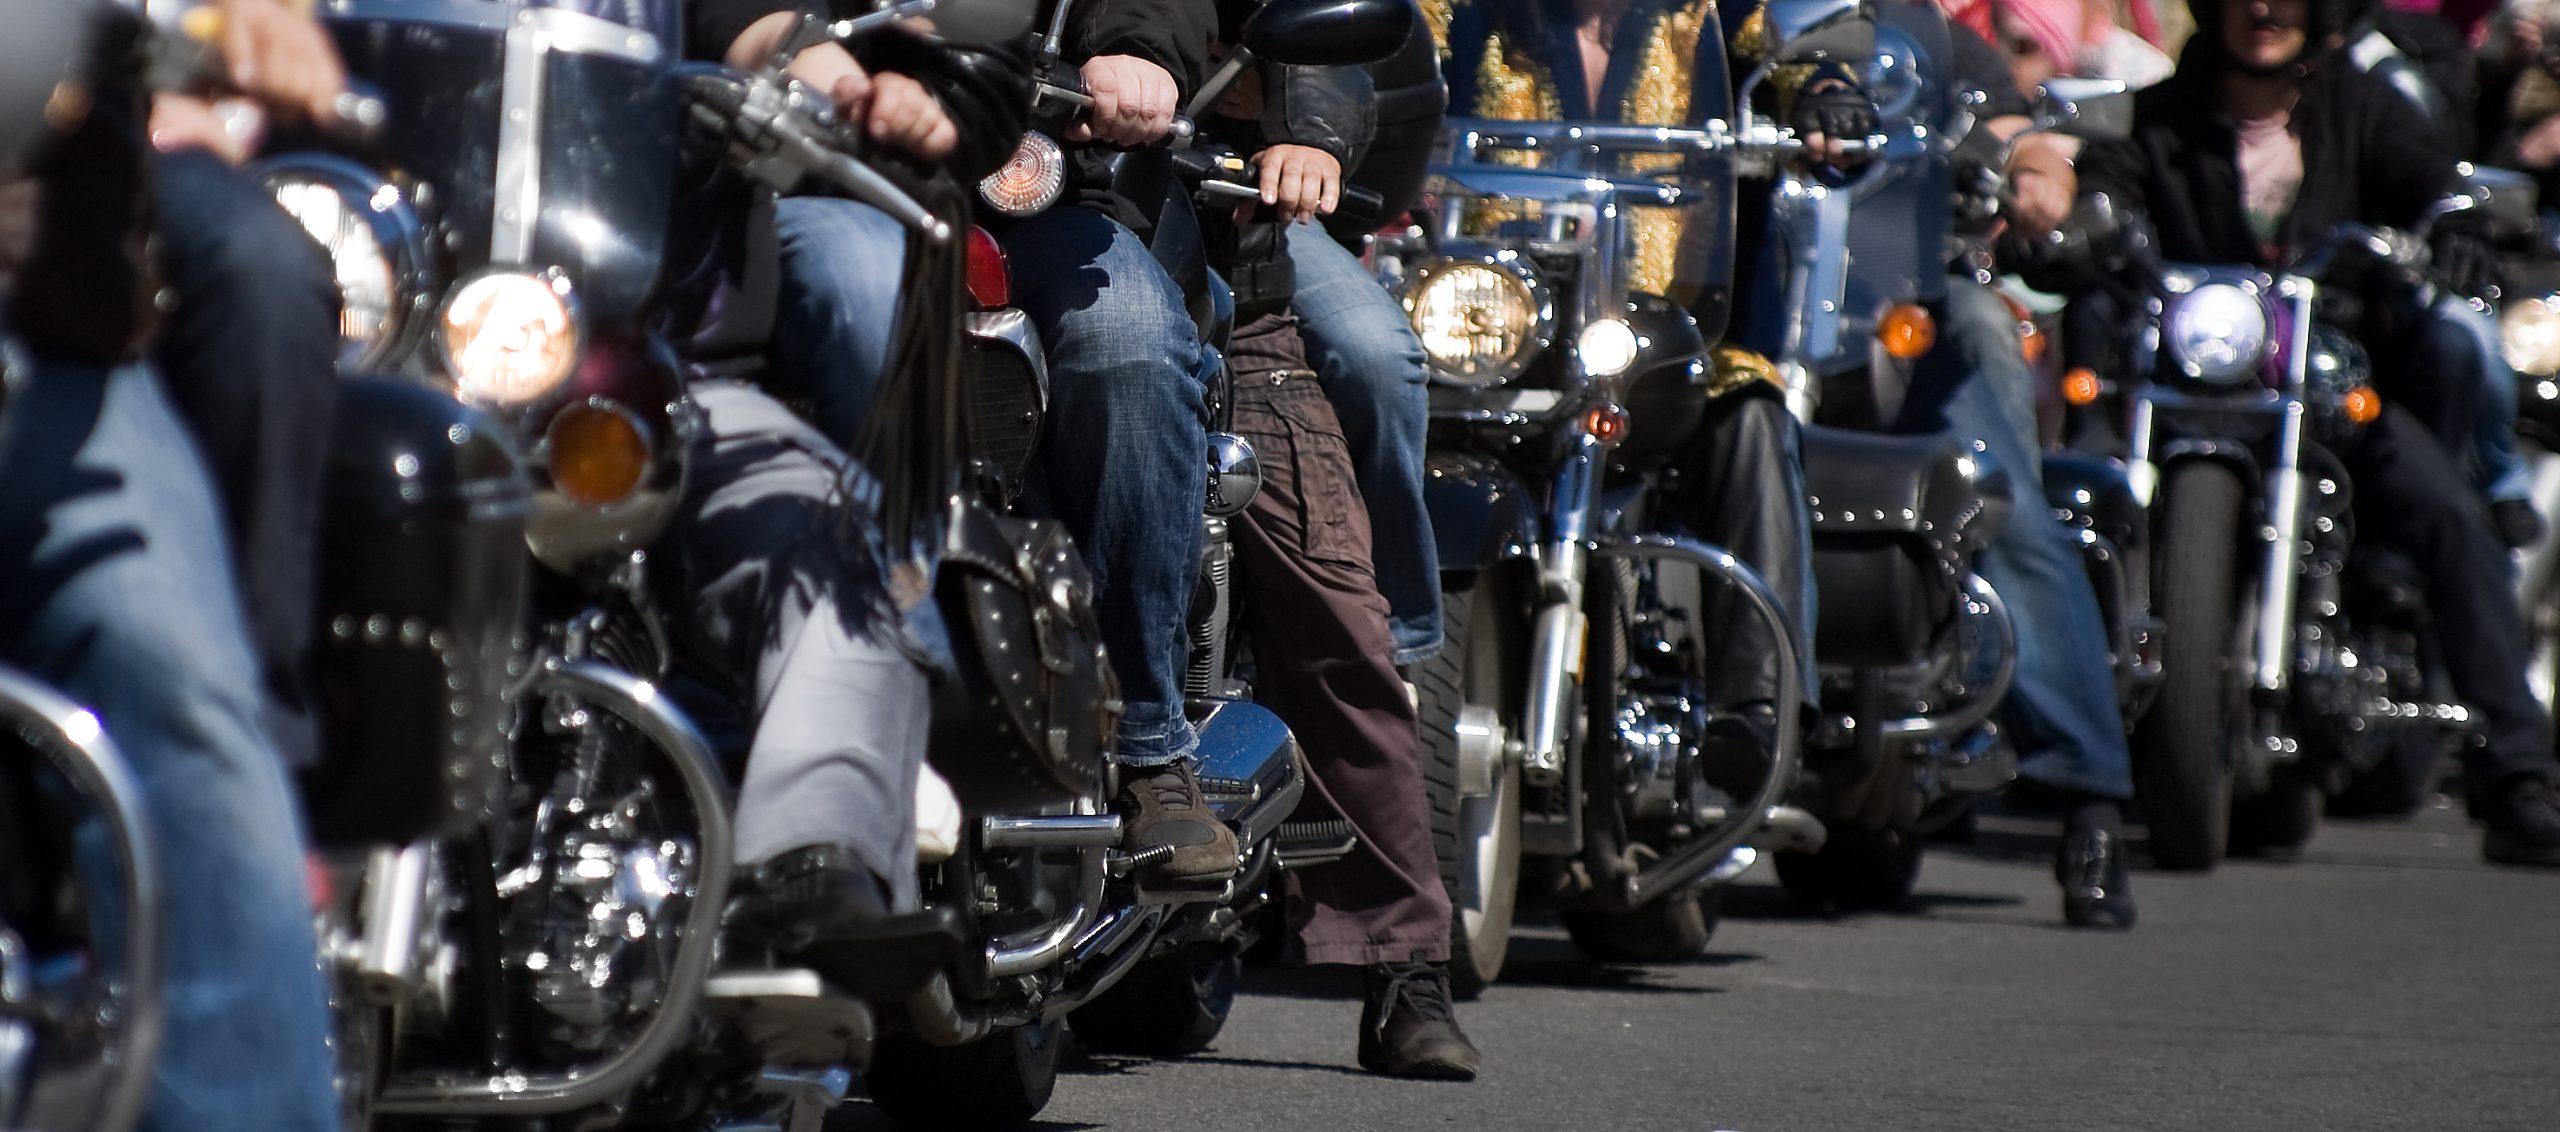 row of bikers